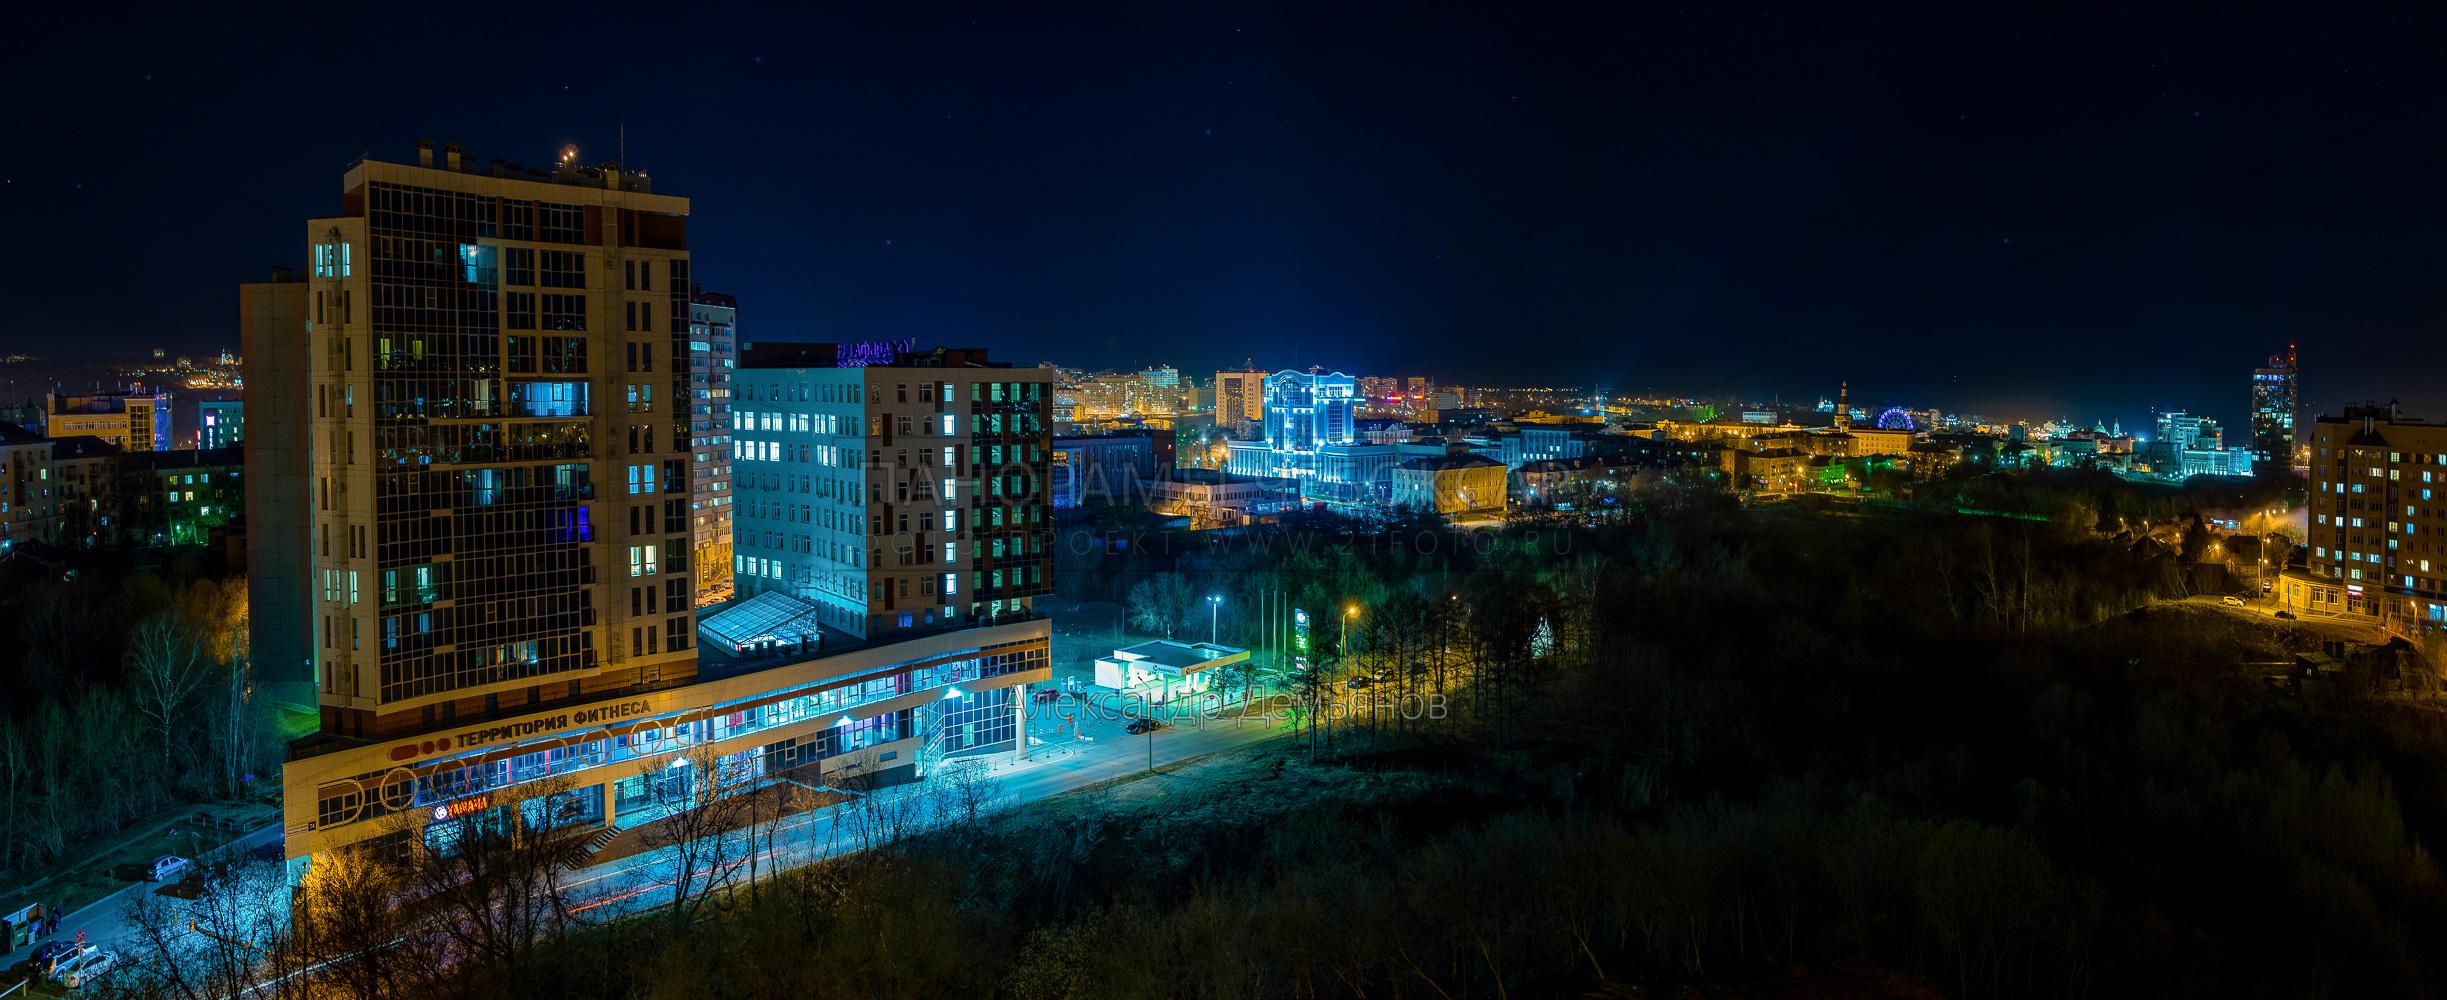 Центр Города Чебоксары ранней весной 2019